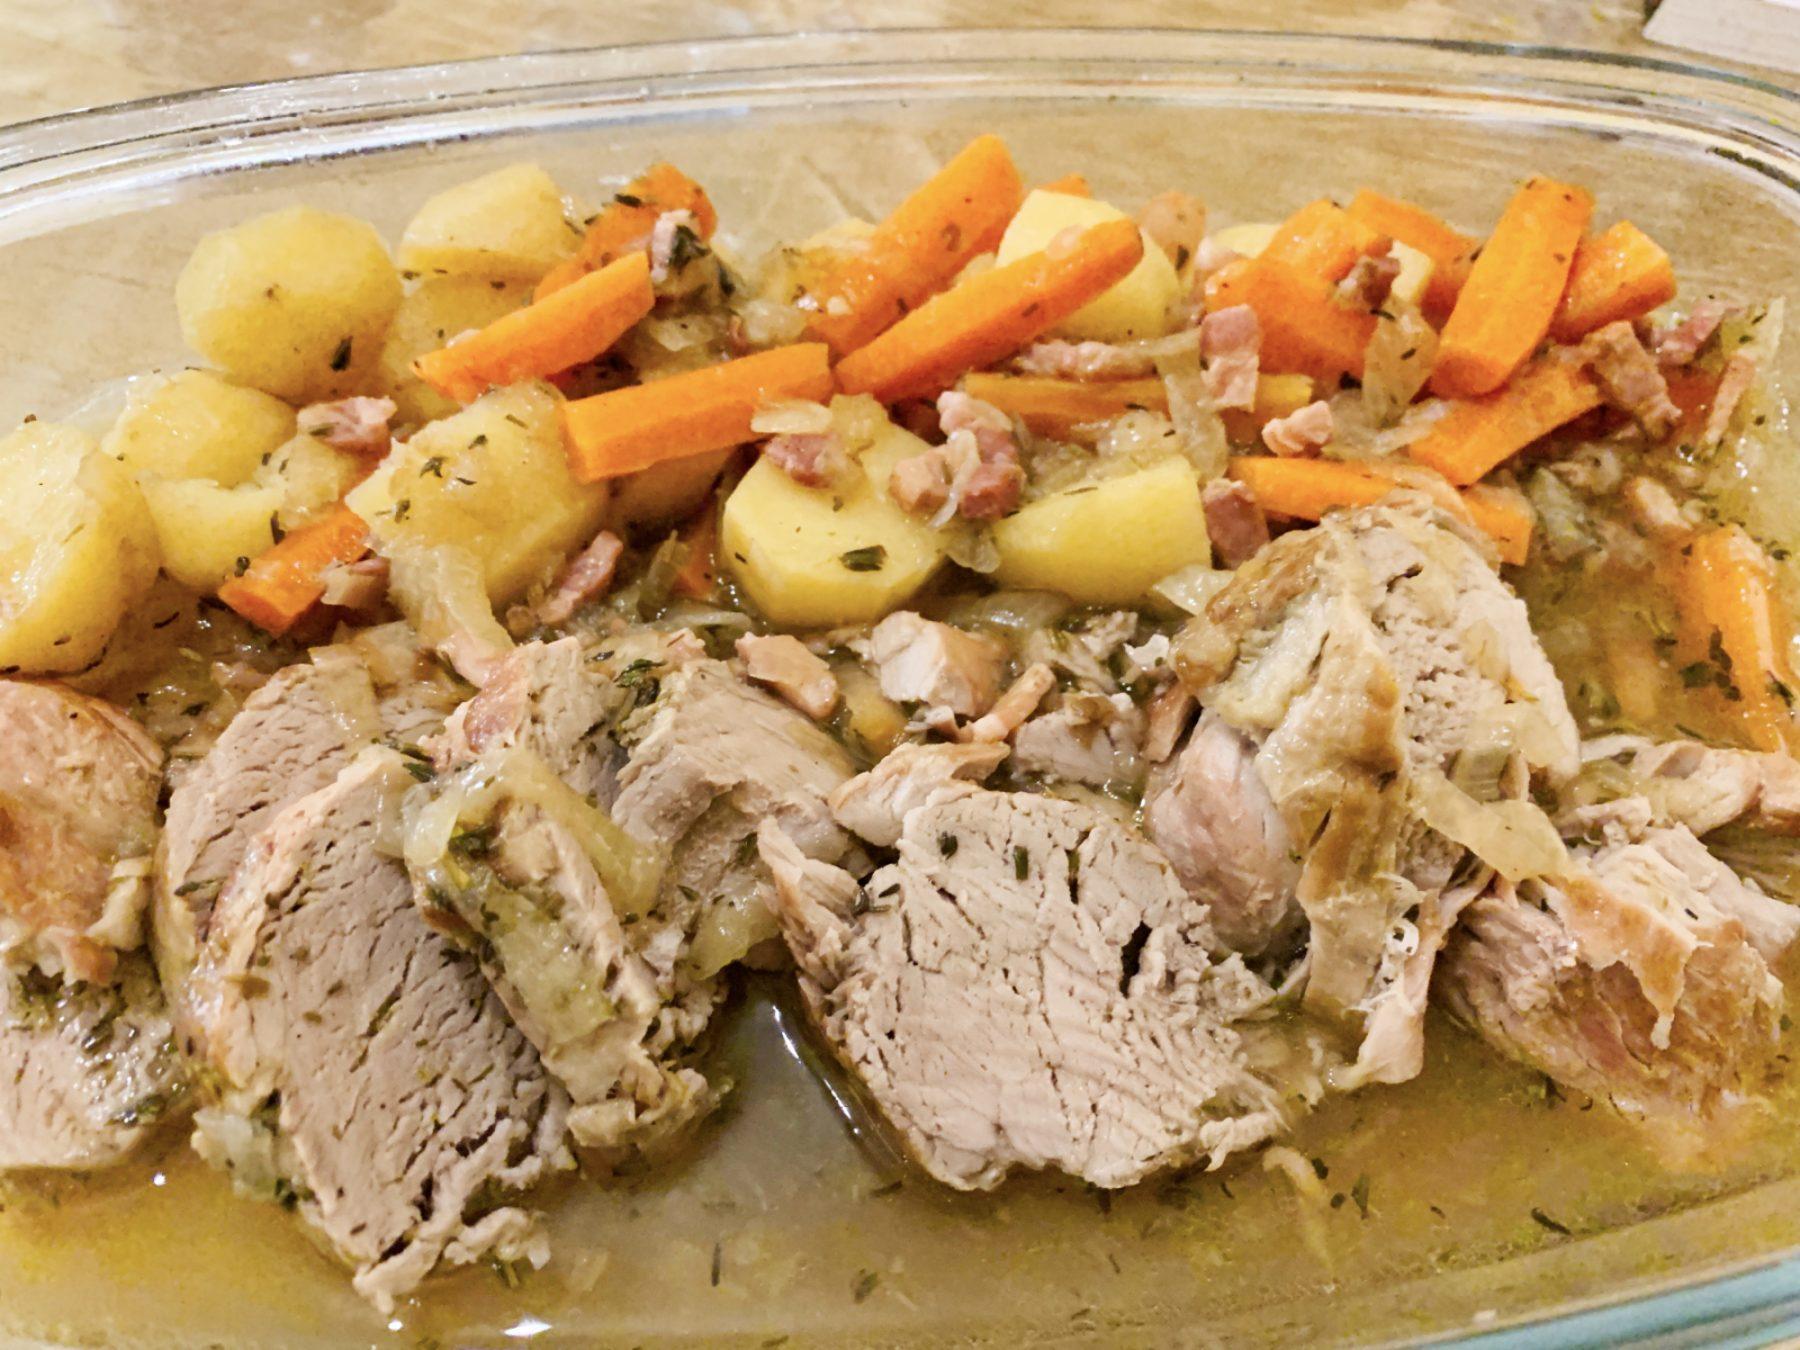 Recette De Filet Mignon De Porc Fondant En Cocotte Cuisine Blog